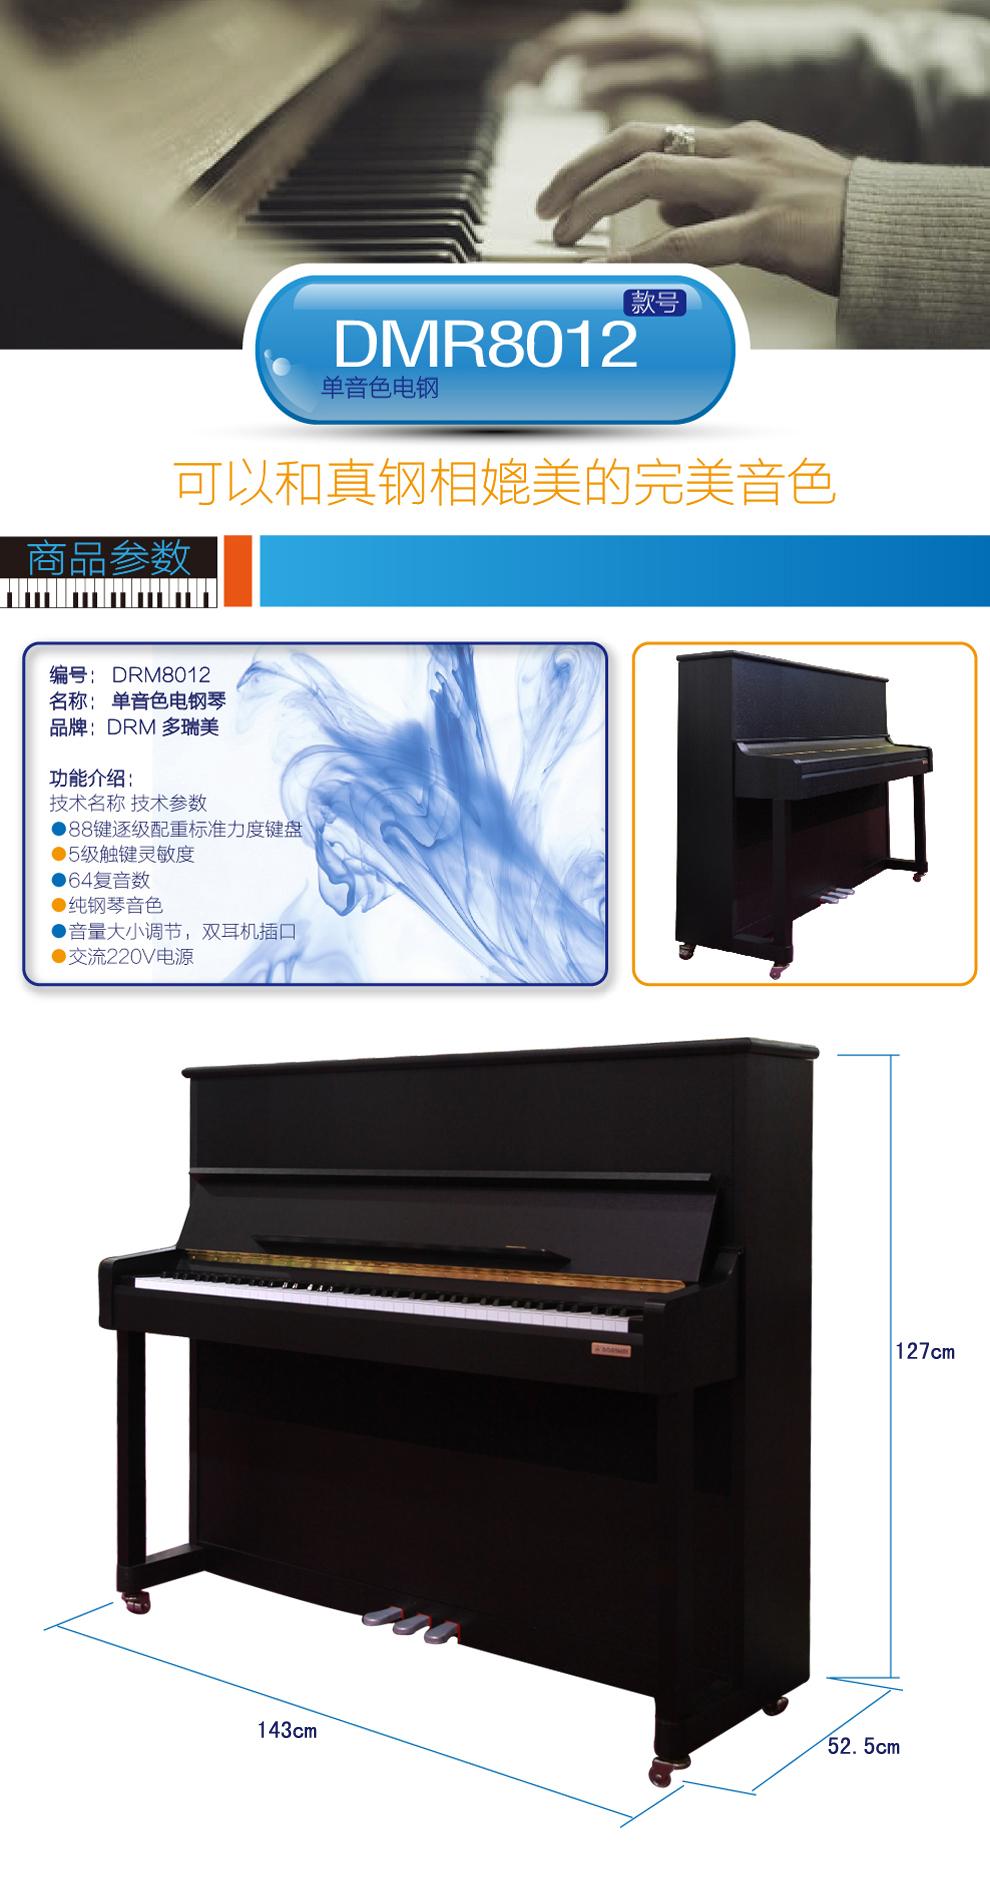 多瑞美88键电钢琴标准重锤手感键盘成人儿童初学数码钢琴 8802胡桃木图片